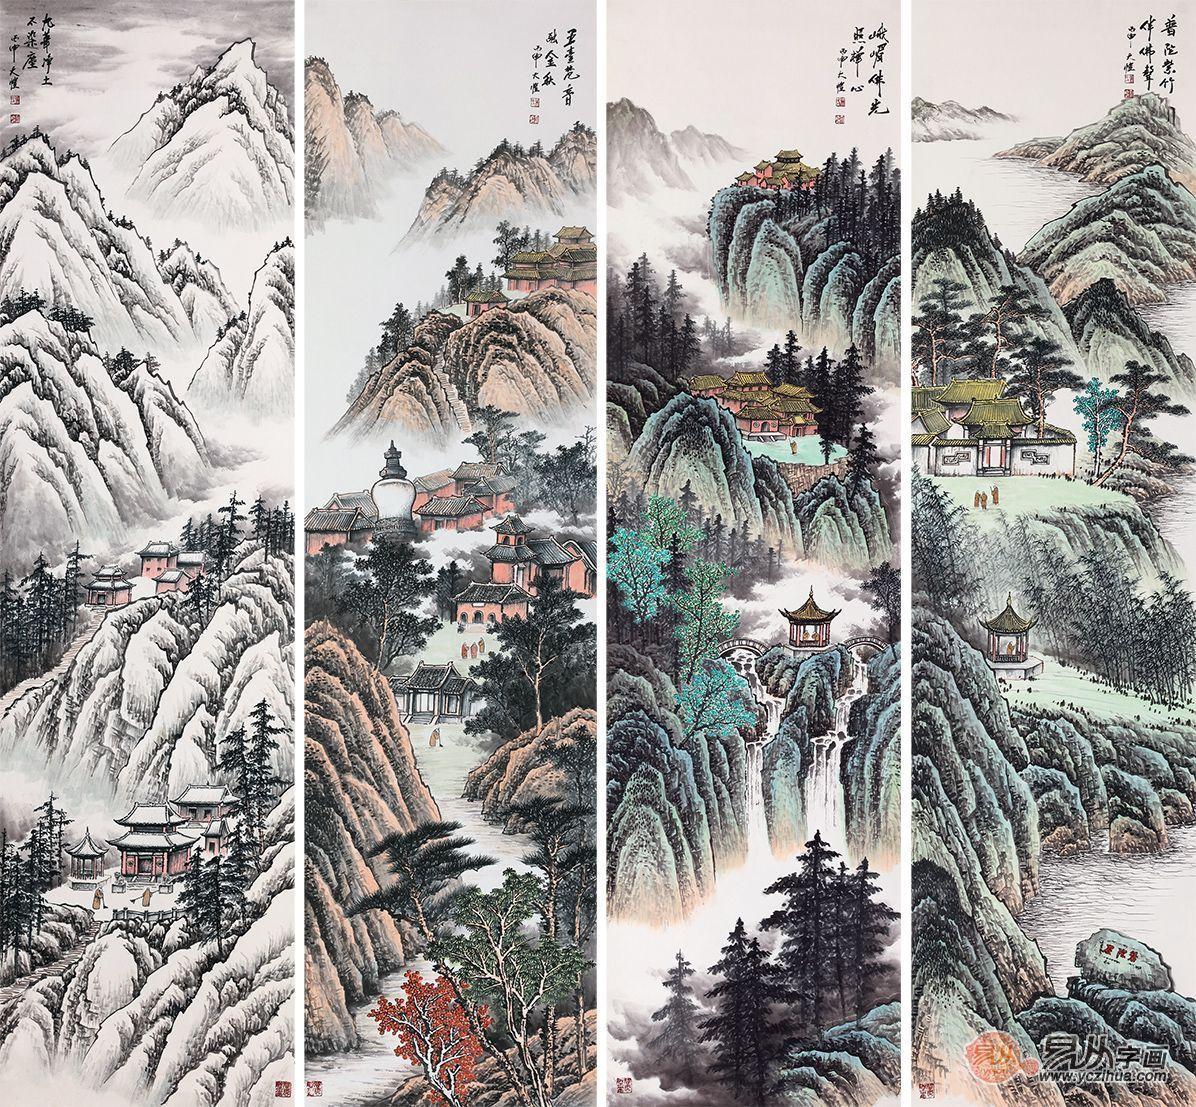 就这么一幅中堂挂画,却颠覆了我对传统山水画的看法